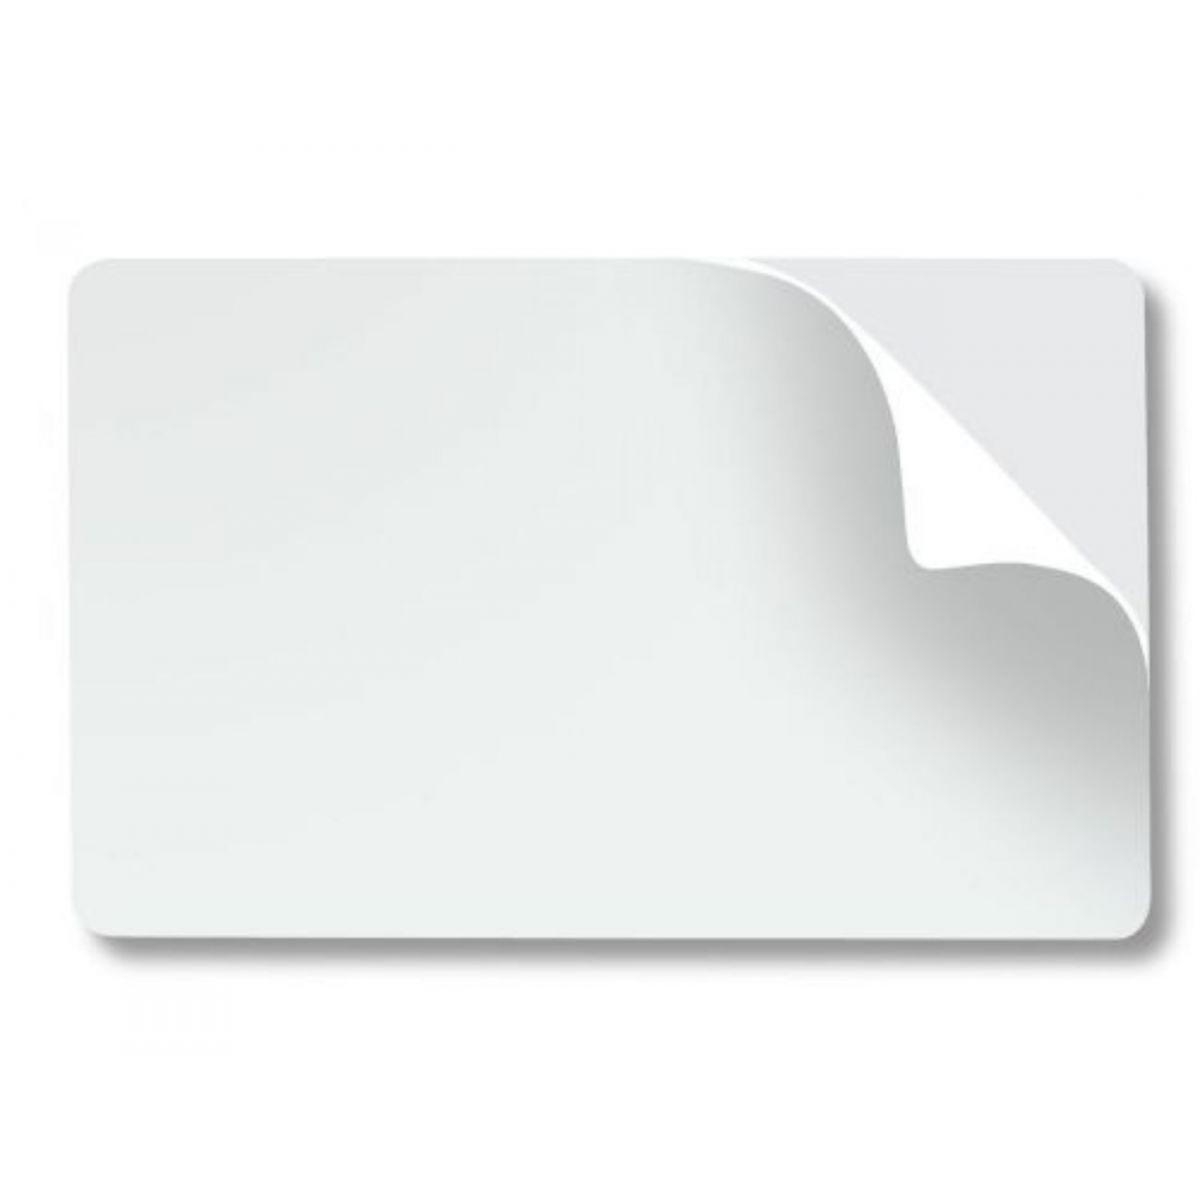 100 Cartões PVC Adesivado 0,46